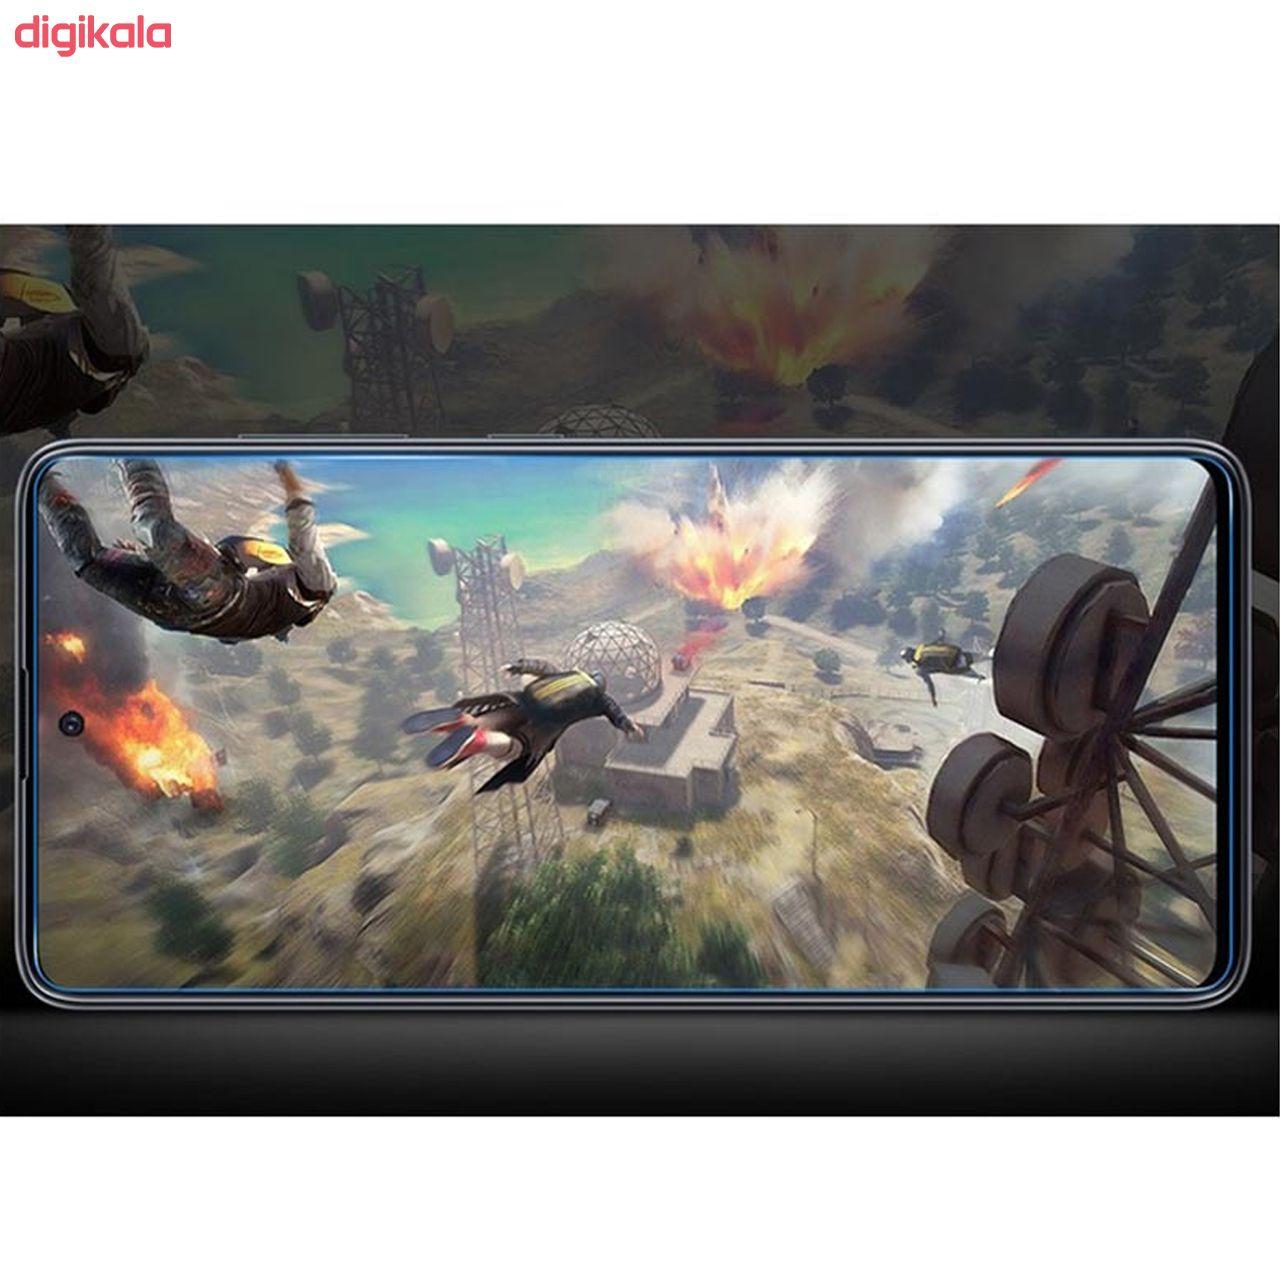 محافظ صفحه نمایش سیحان مدل CLT مناسب برای گوشی موبایل سامسونگ Galaxy A51 main 1 3